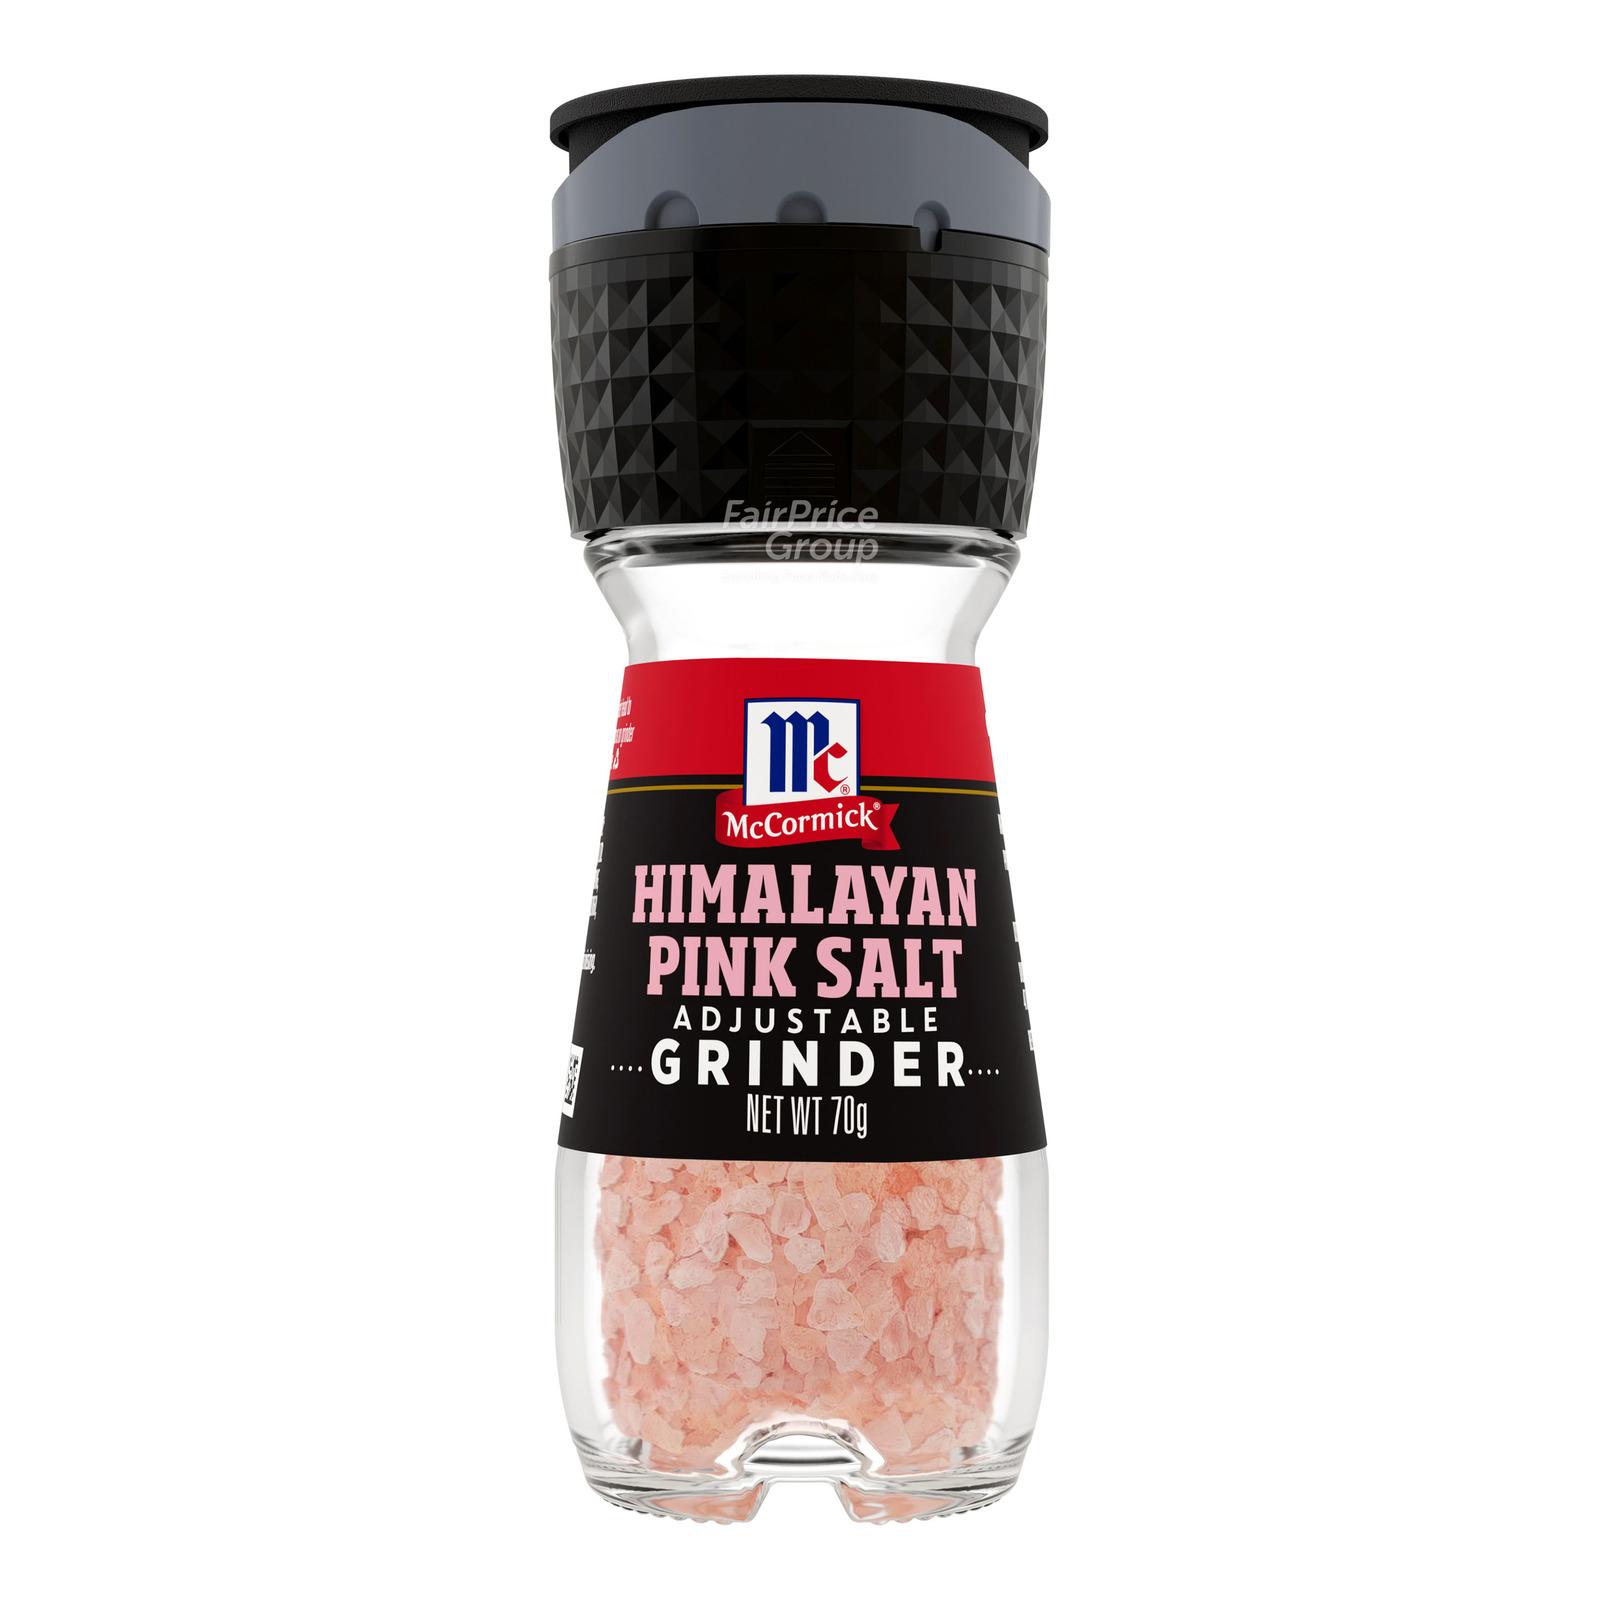 McCormick Grinder - Himalayan Pink Salt